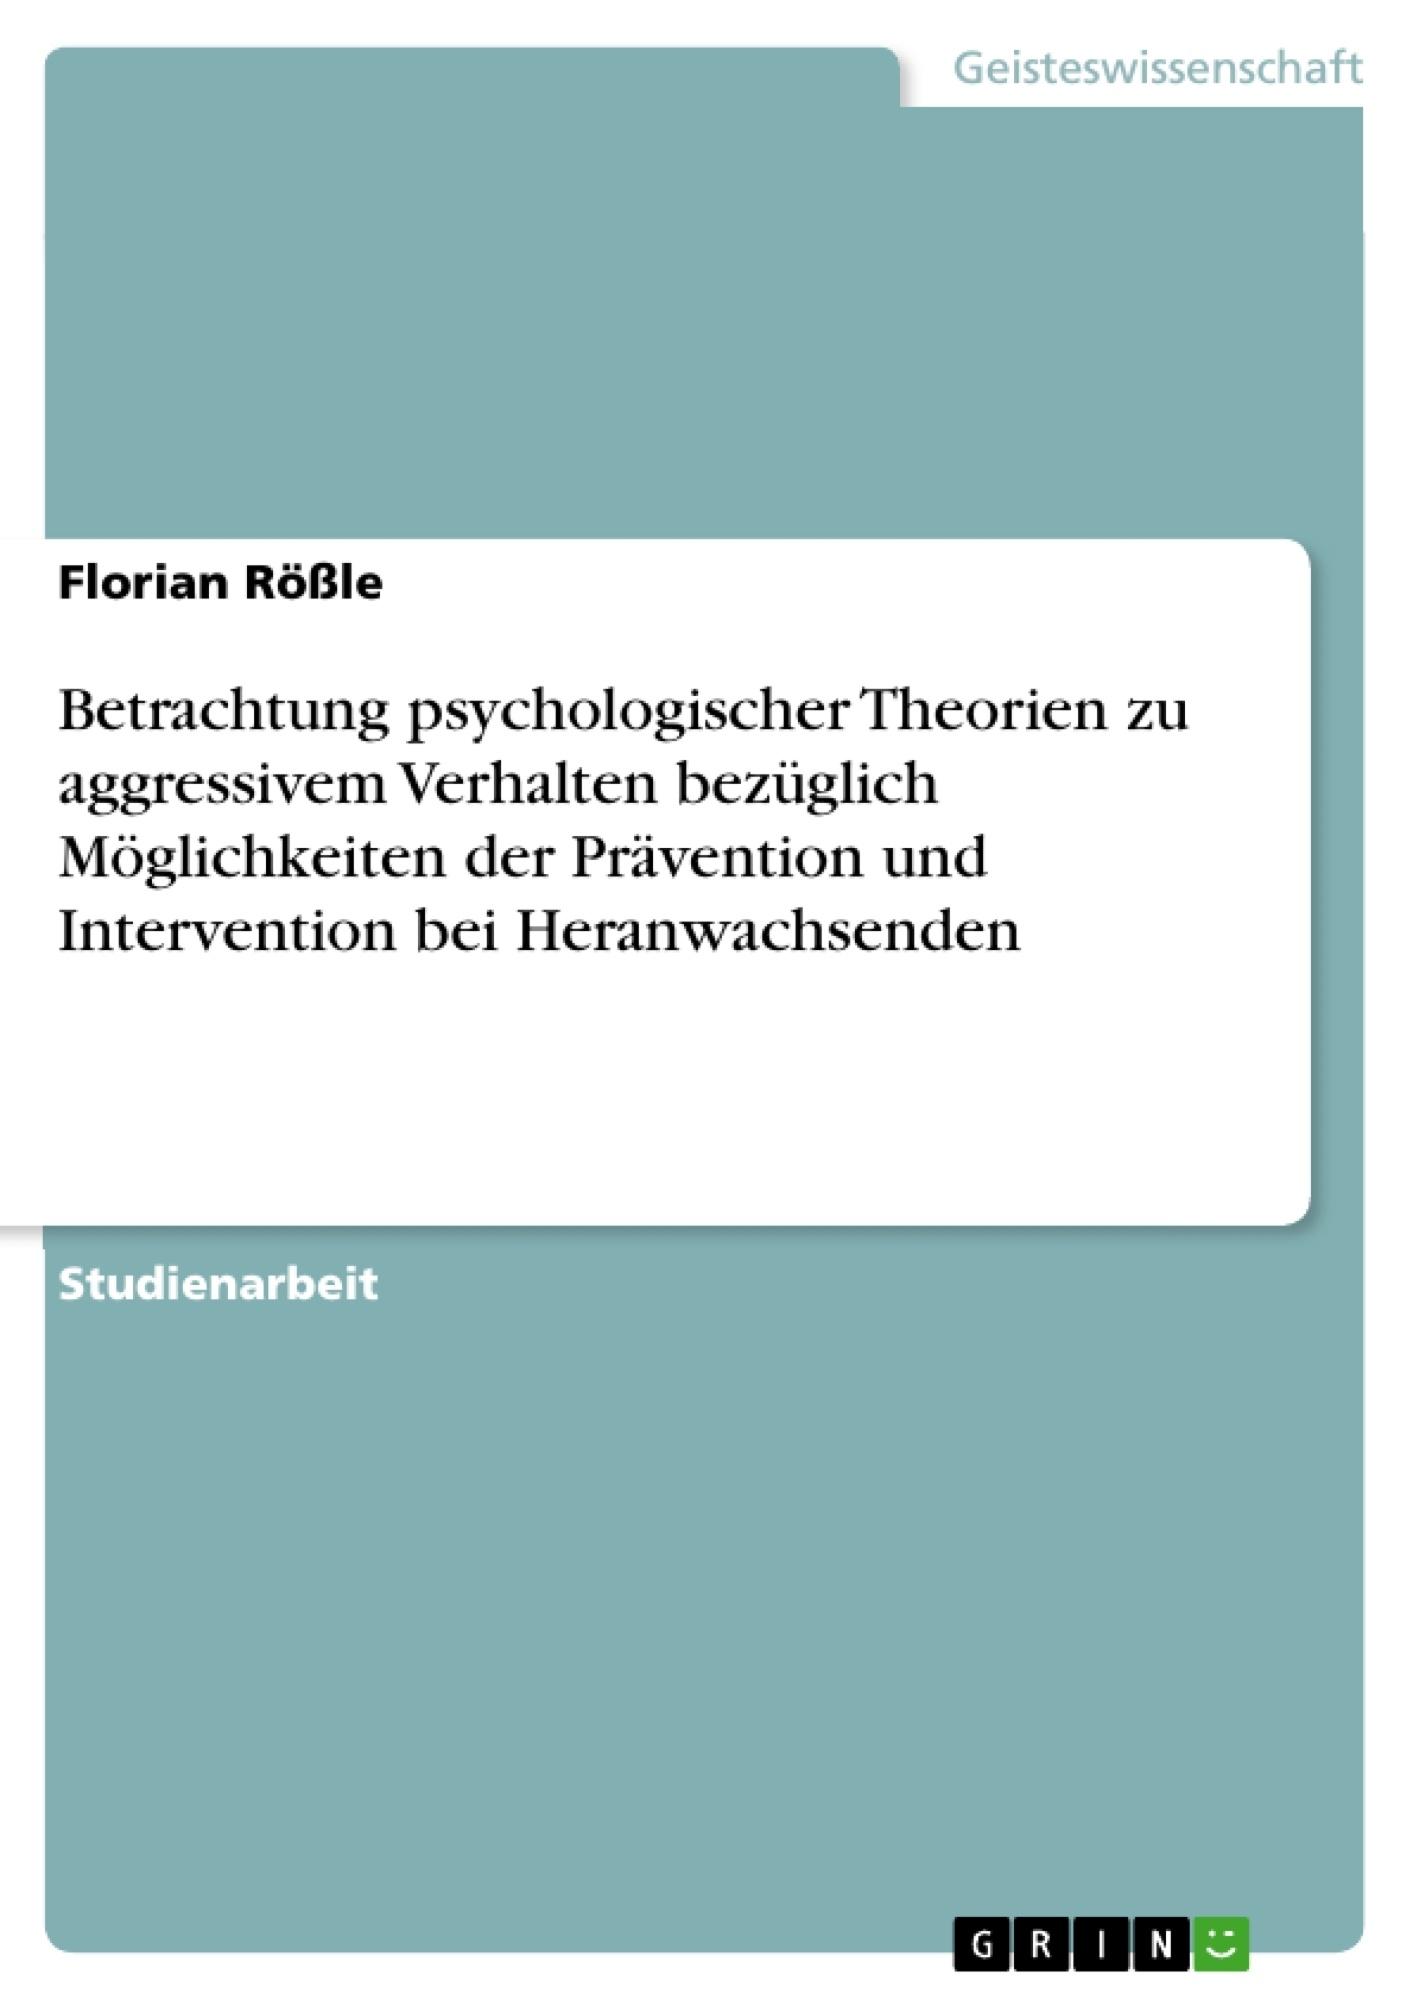 Titel: Betrachtung psychologischer Theorien zu aggressivem Verhalten bezüglich Möglichkeiten der Prävention und Intervention bei Heranwachsenden